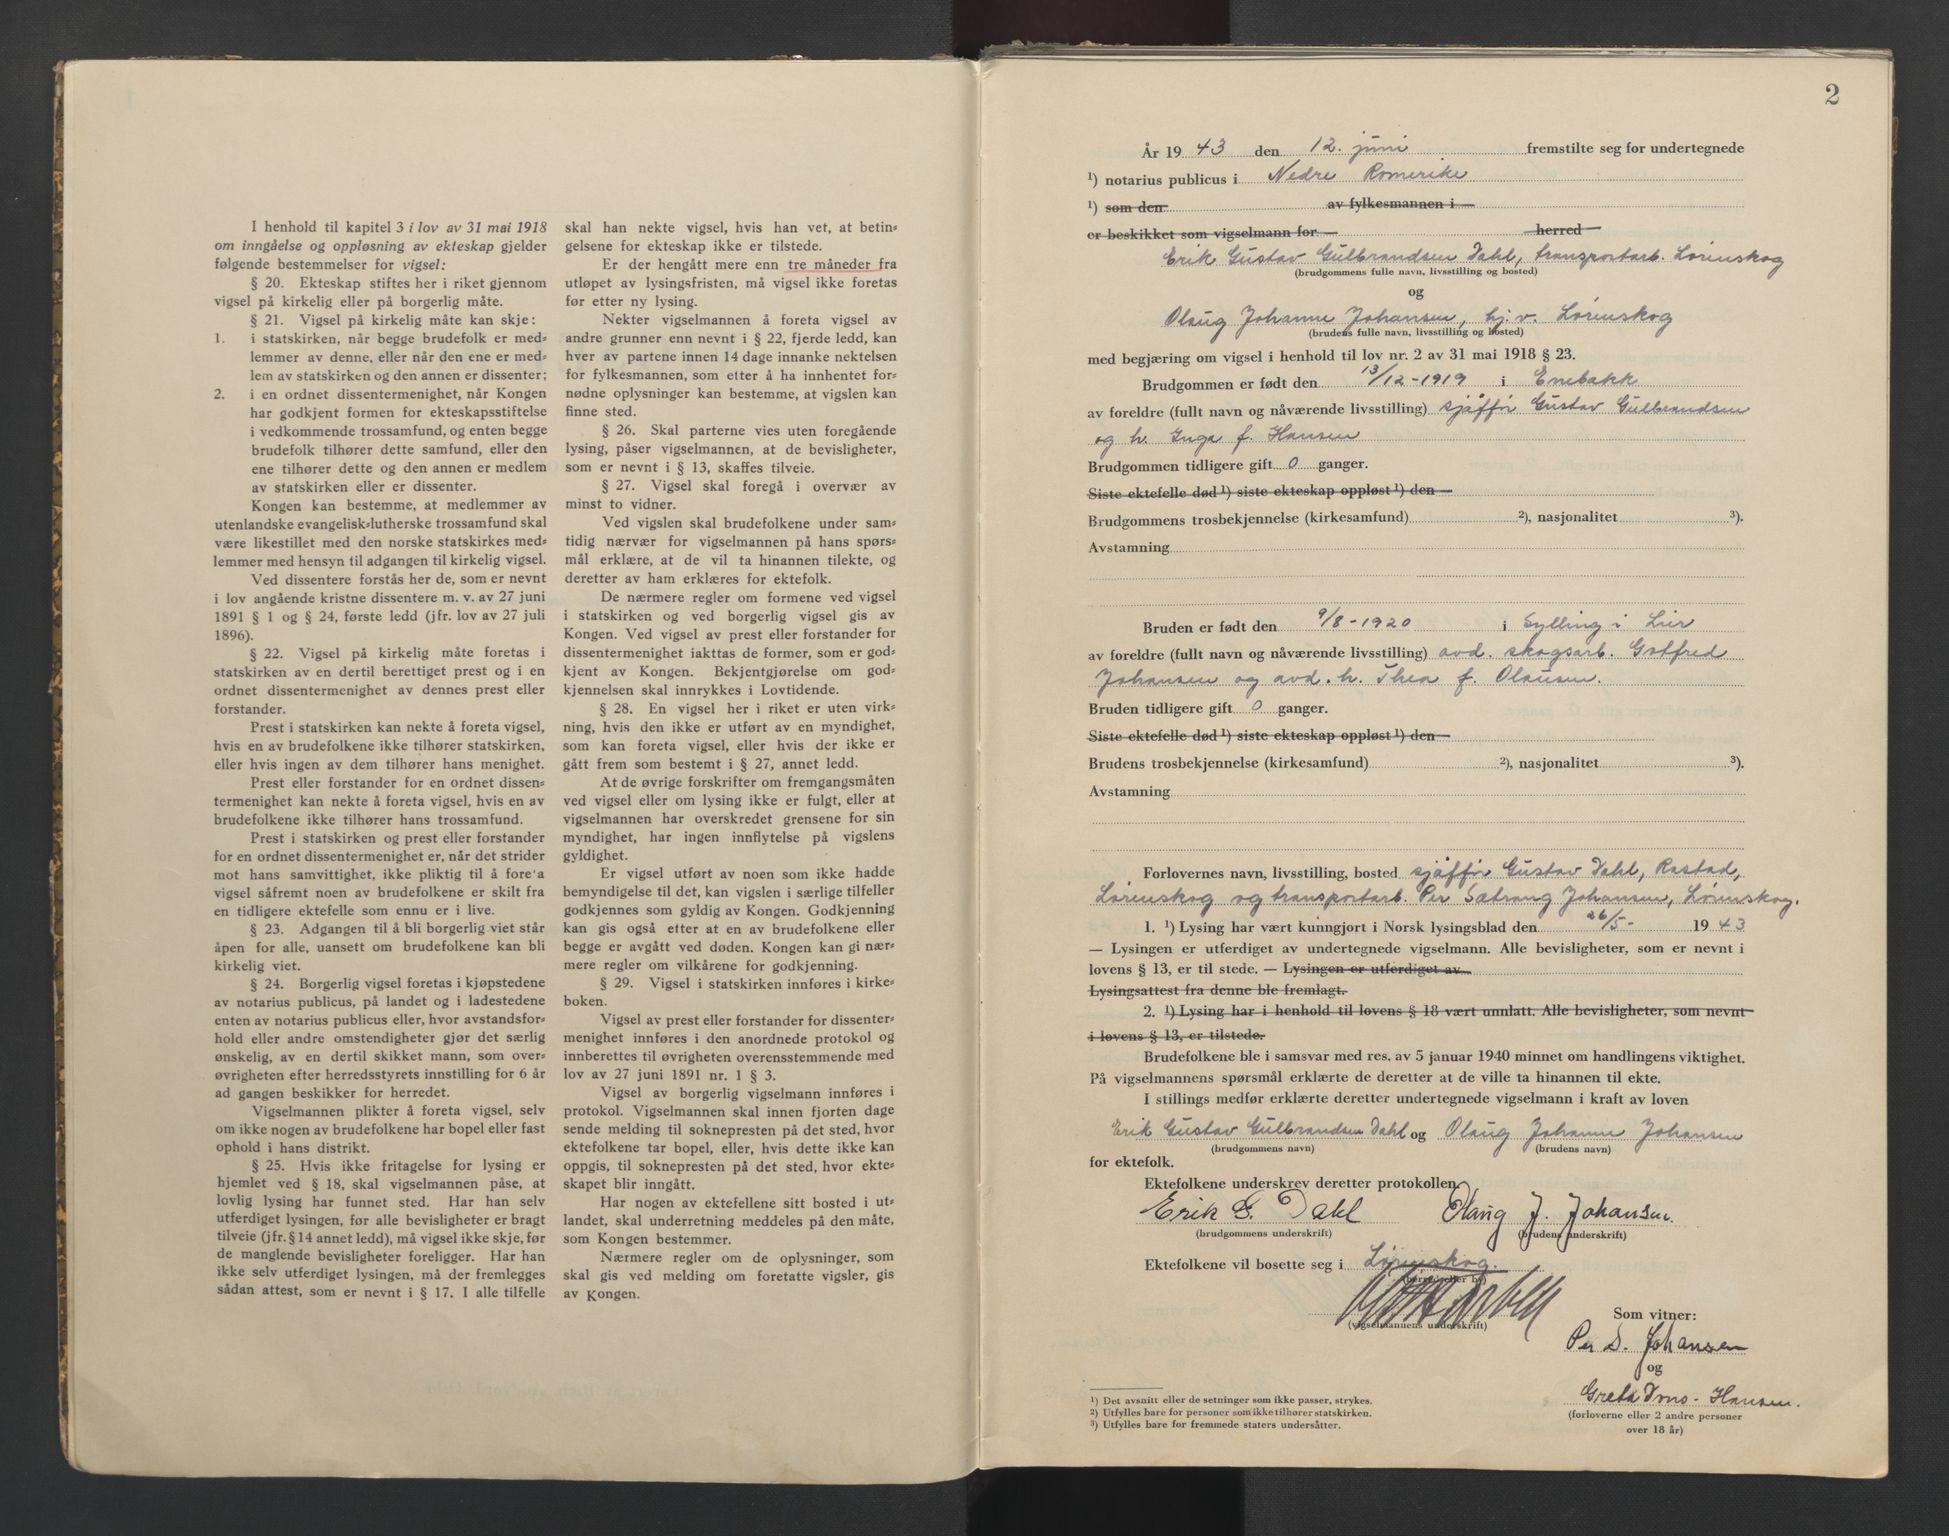 SAO, Nedre Romerike sorenskriveri, L/Lb/L0004: Vigselsbok - borgerlige vielser, 1943-1944, s. 2